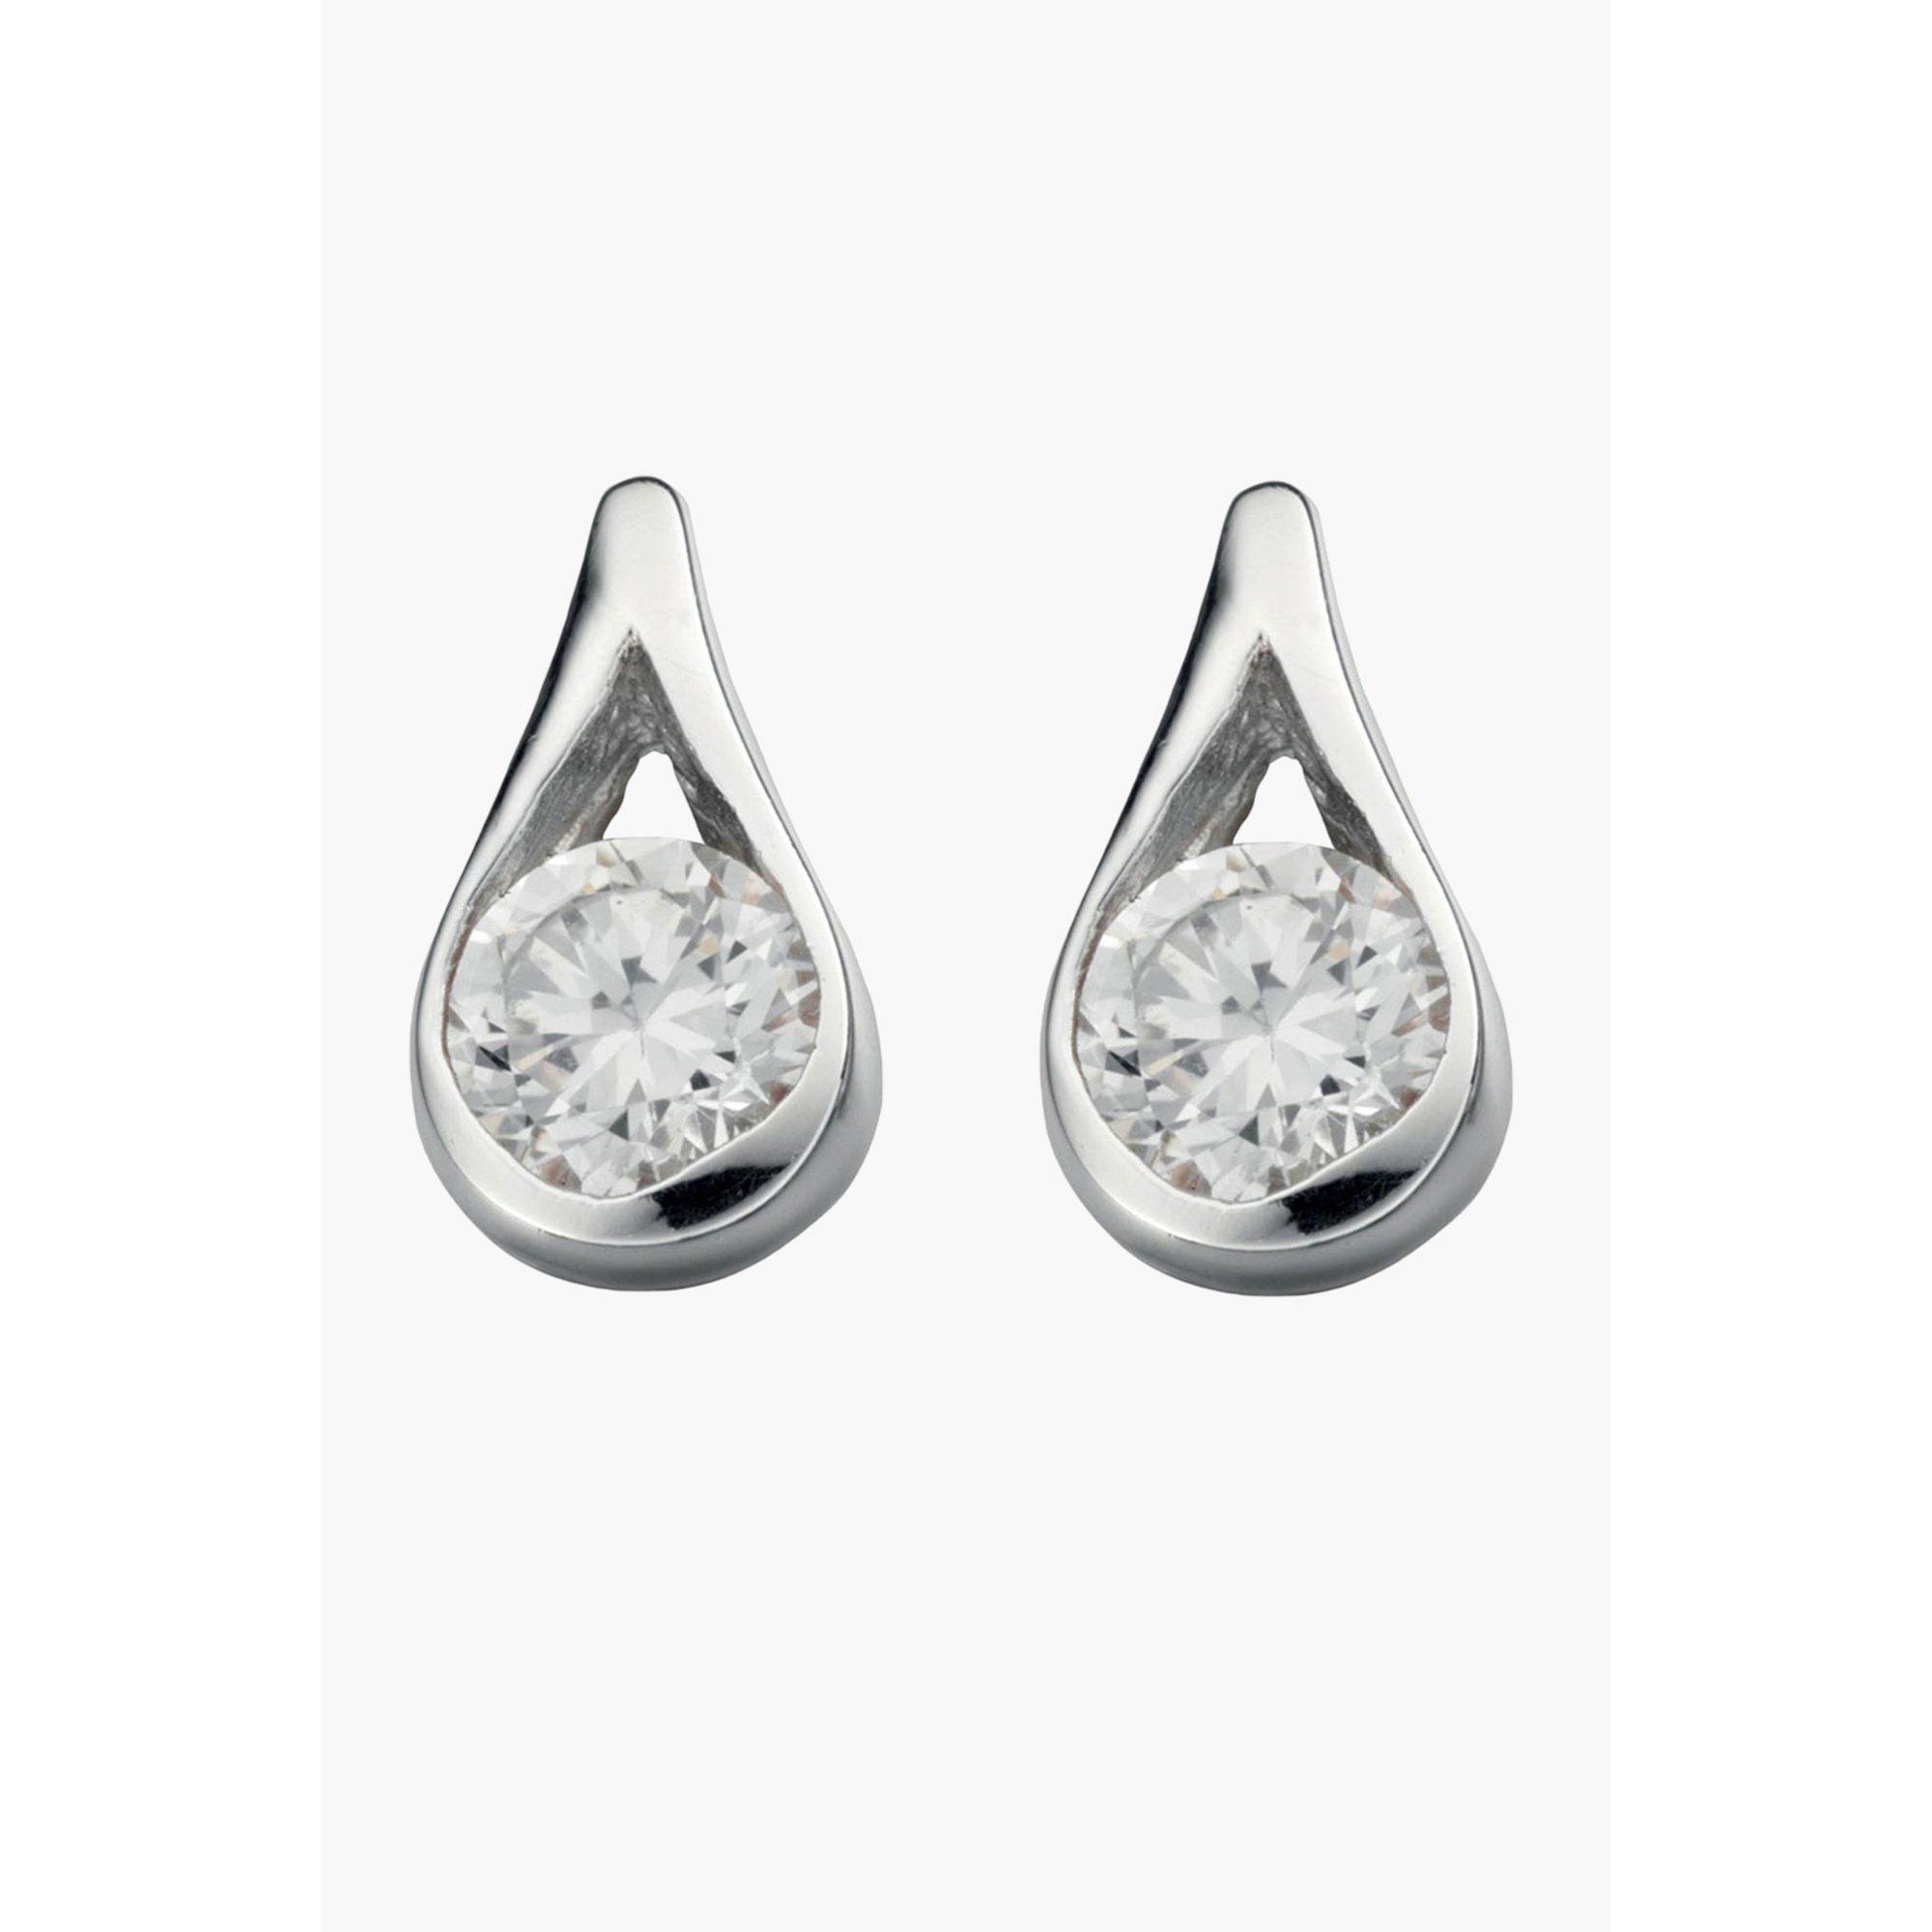 Image of Clear Teardrop Earring